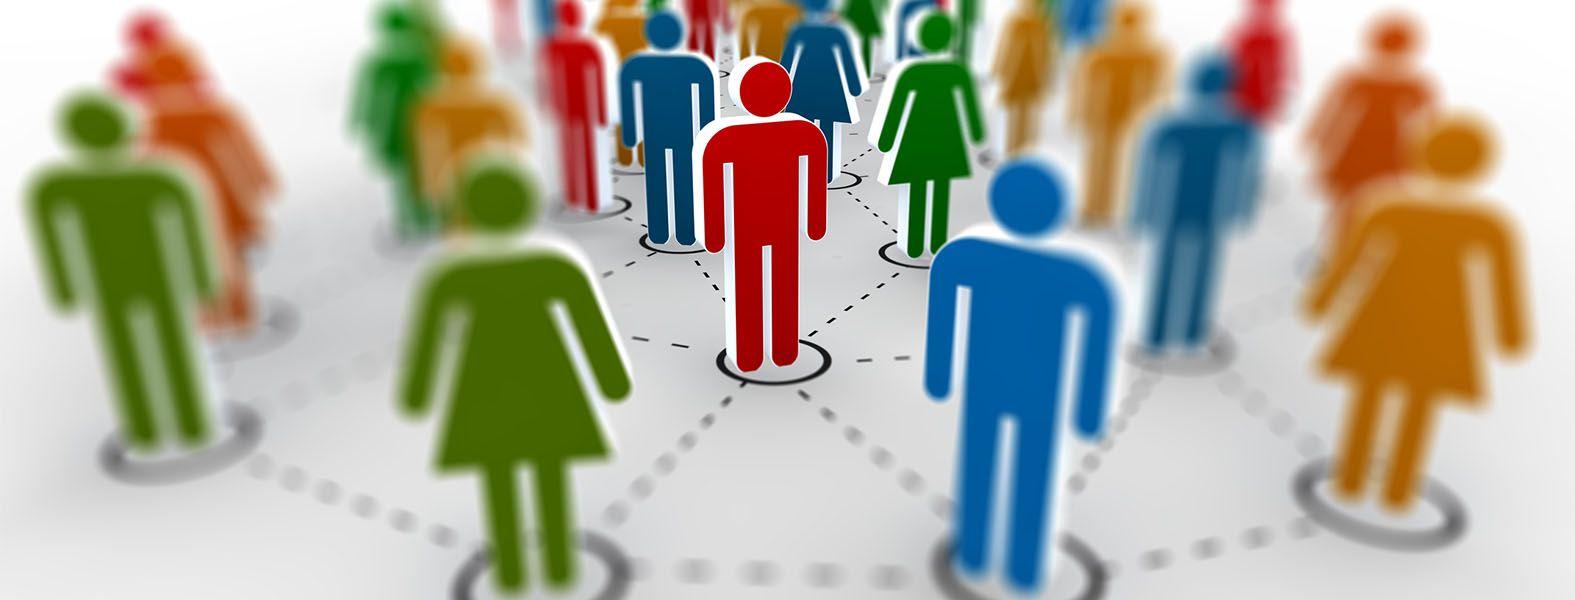 Indemnisation chômage pour activité partielle : le SNAPE obtient des résultats concrets en période de COVID19